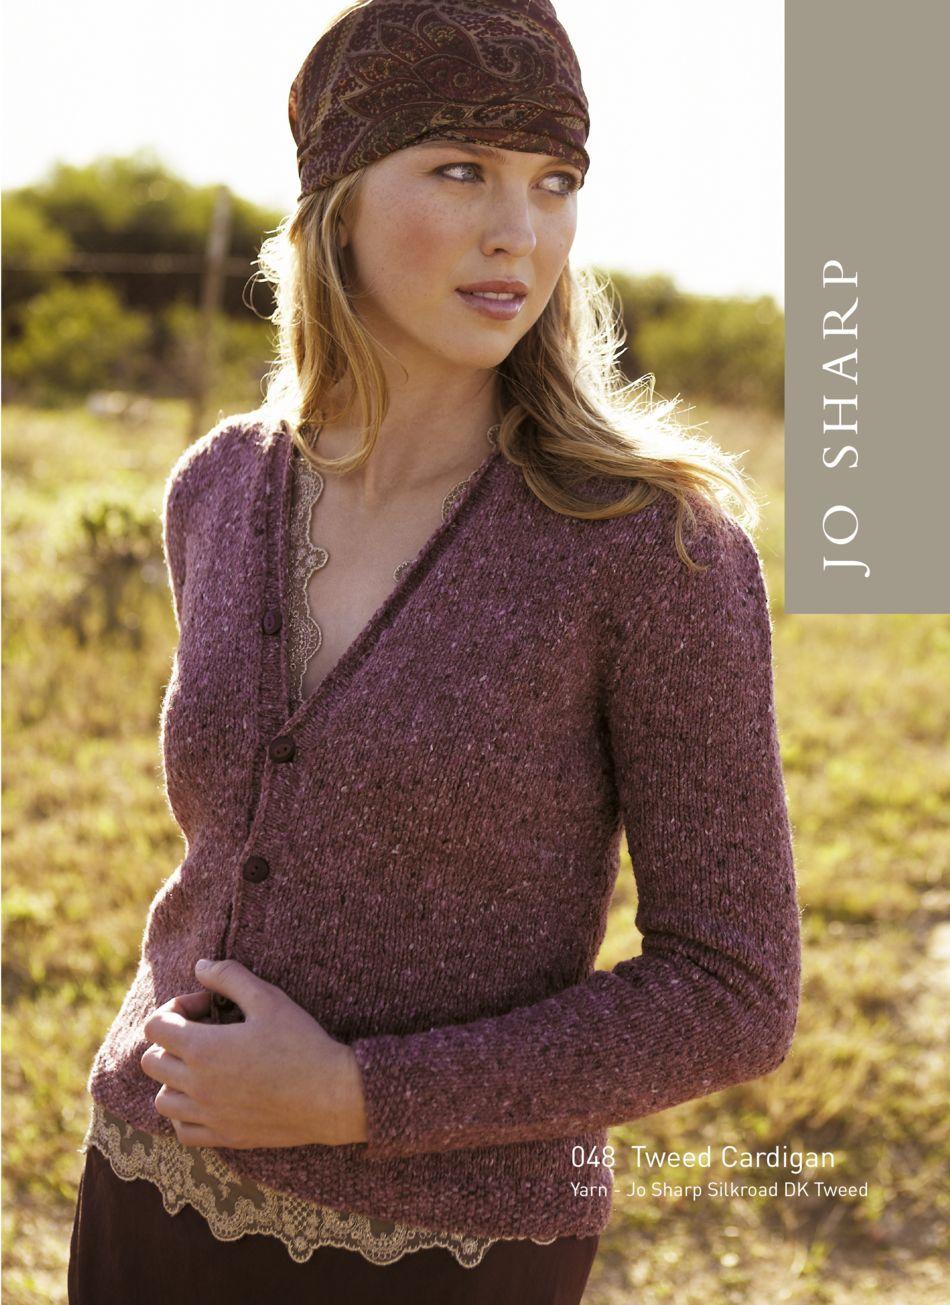 Jo sharp tweed cardigan pattern knitting pattern halcyon yarn knitting patterns jo sharp tweed cardigan pattern bankloansurffo Images